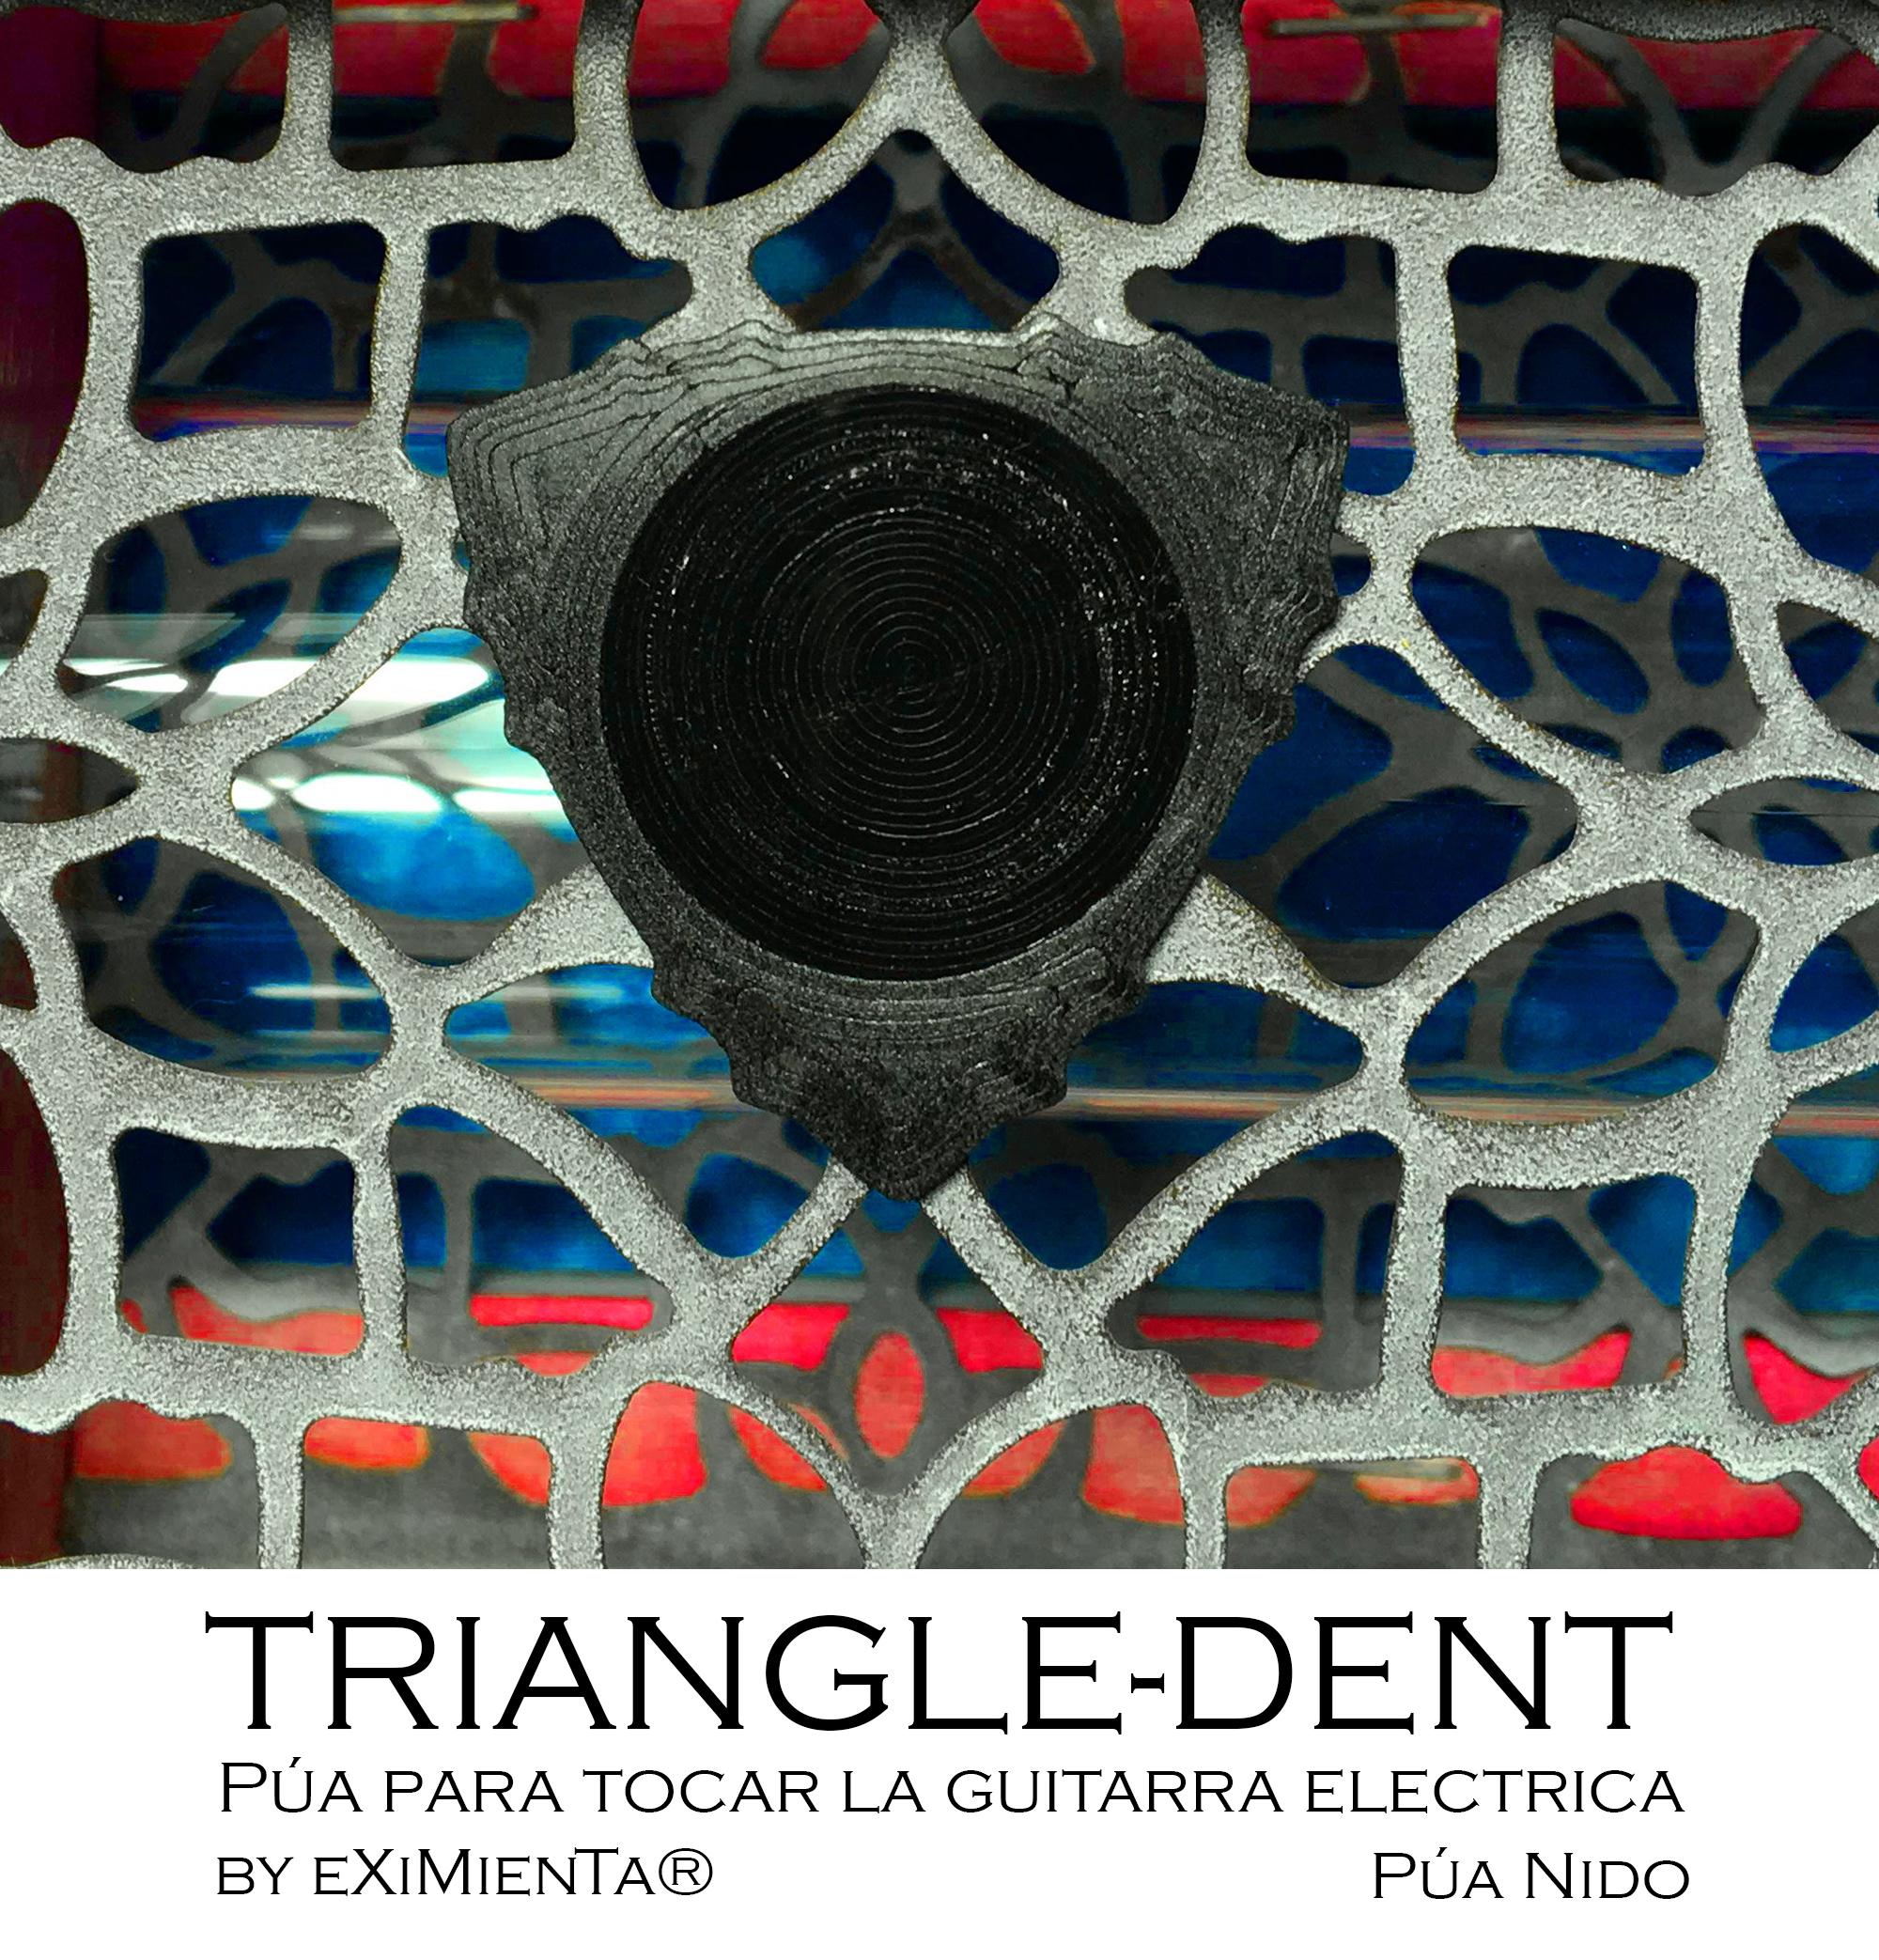 TRIANGLEDENT R10'5 31x31 21042020 imagen.jpg Télécharger fichier STL gratuit ACIDE POLY-LACTIQUE PLA TRIANGLE-DENT FIBRE DE CARBONE AVEC BANDE ANTIDÉRAPANTE EN POLYURÉTHANE THERMOPLASTIQUE TPU • Objet à imprimer en 3D, carleslluisar